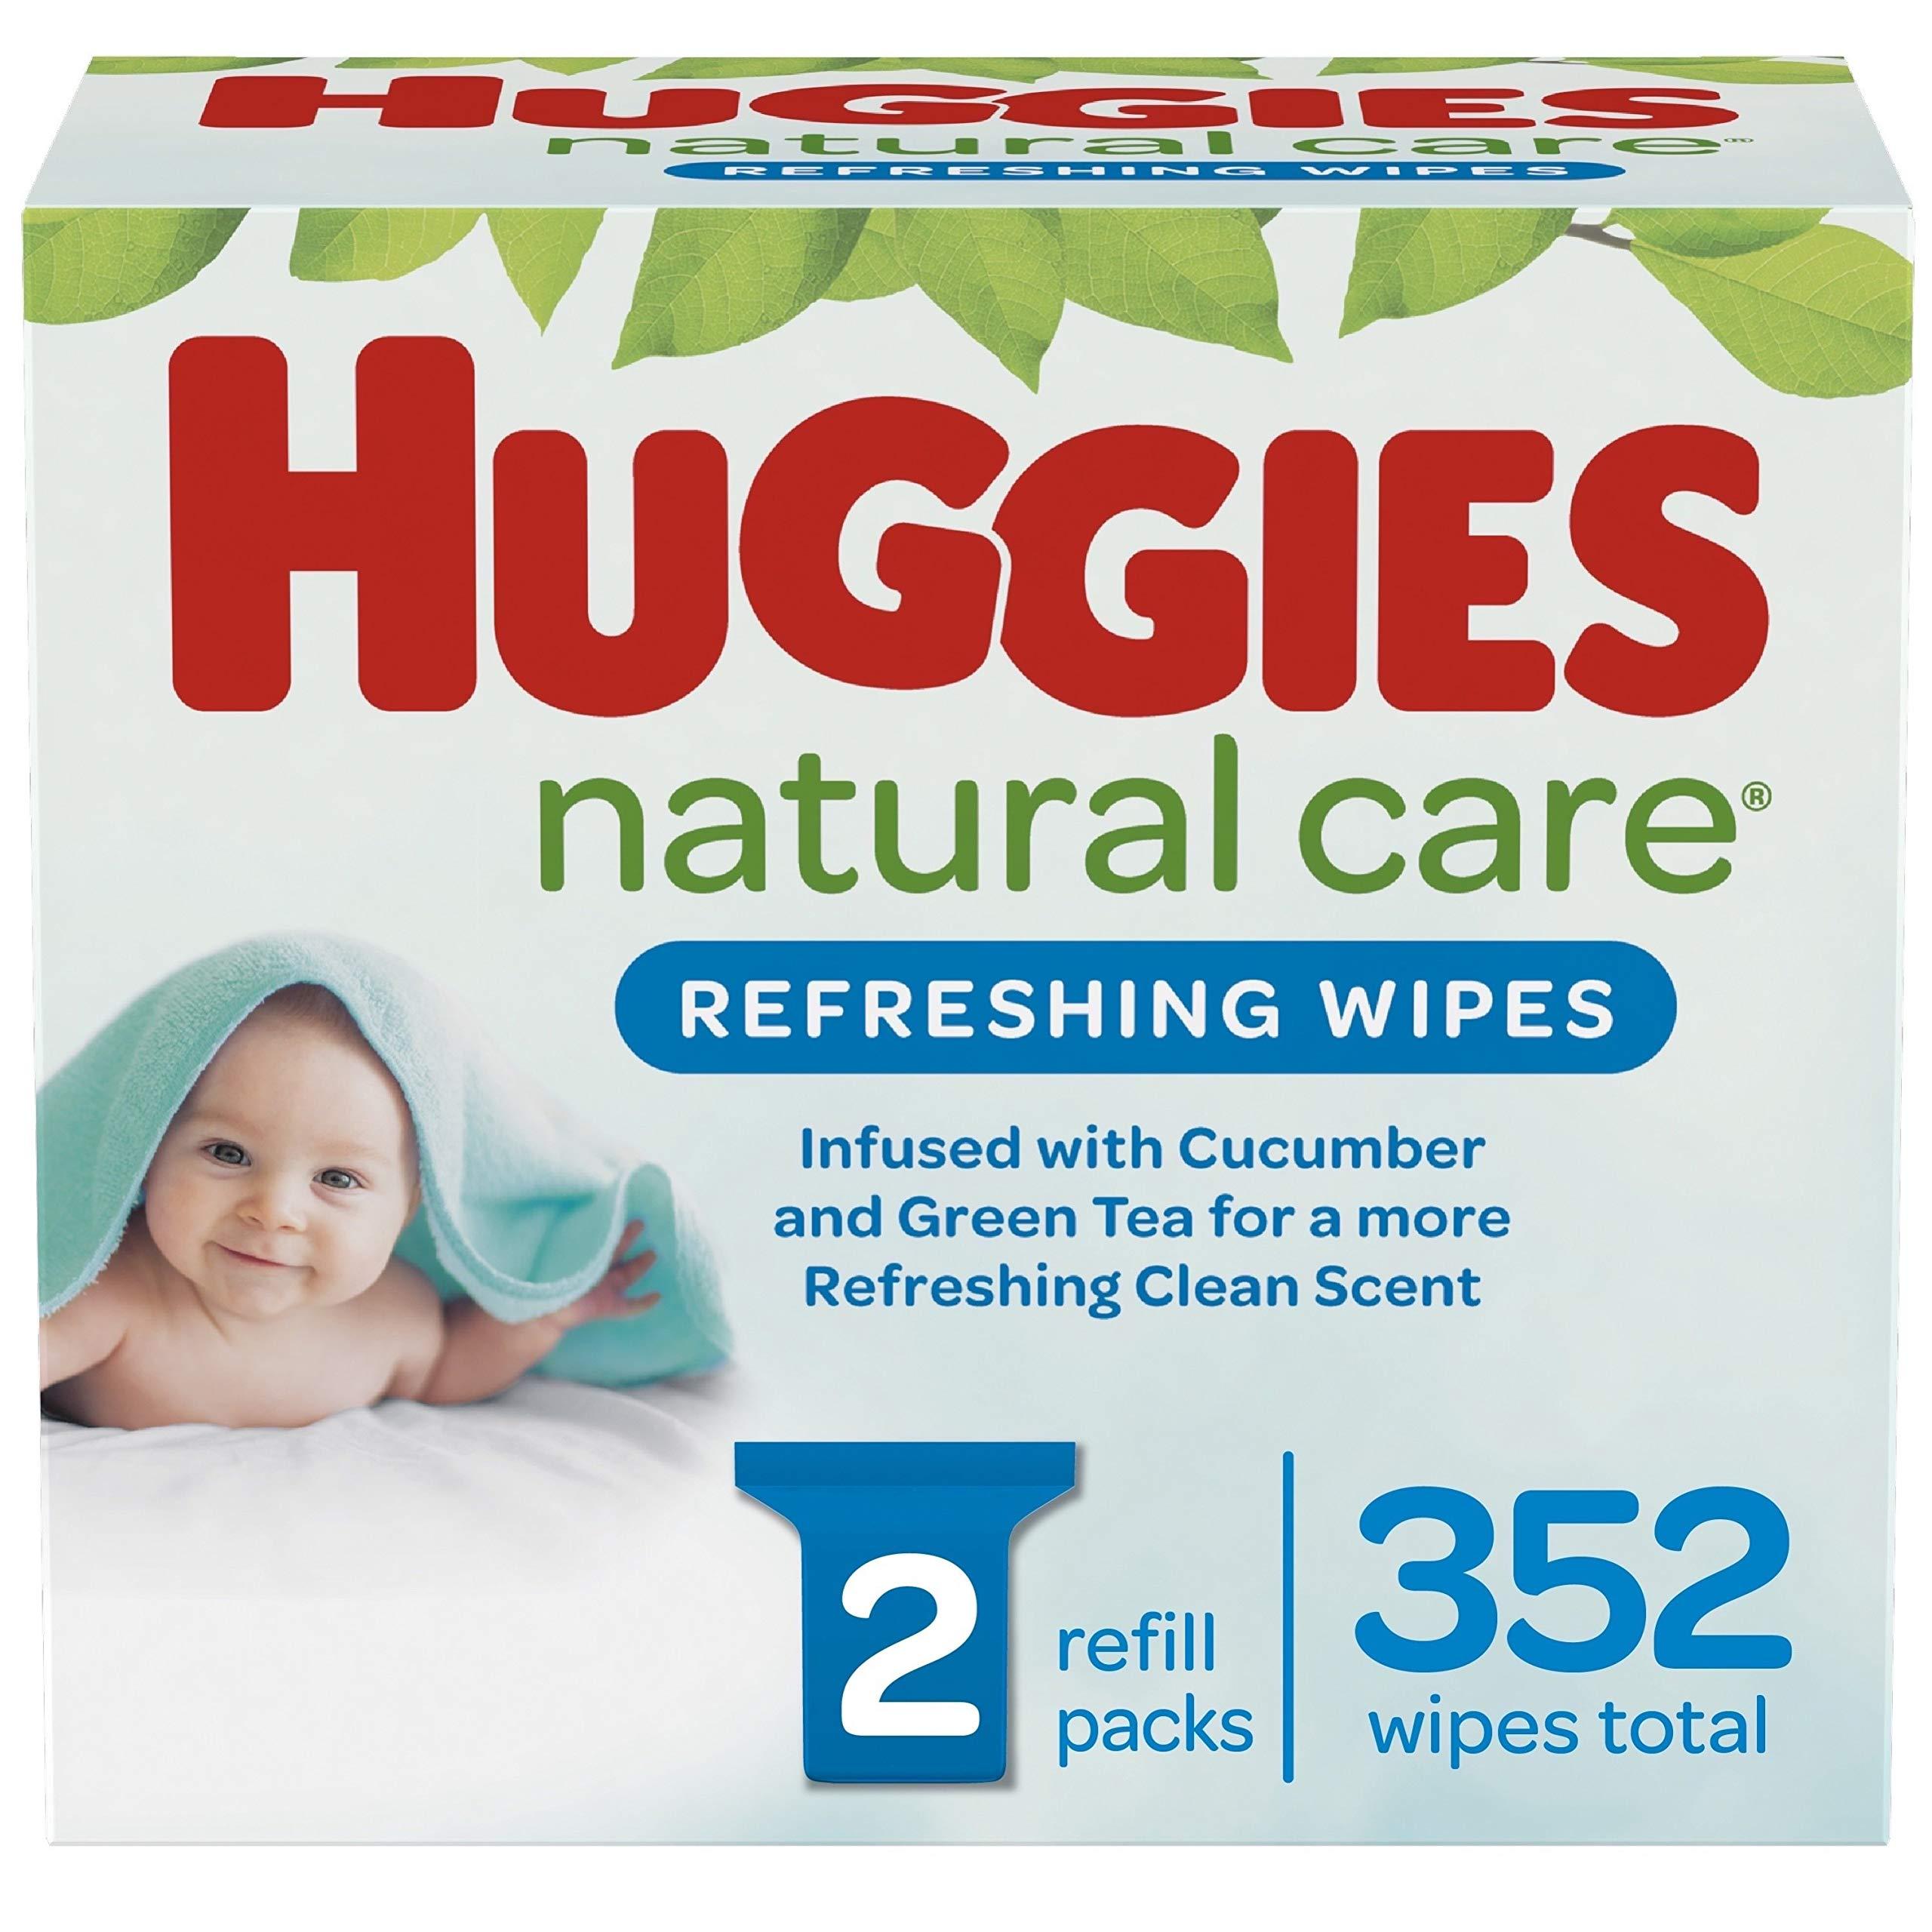 HUGGIES Refreshing Clean Baby Wipes, 2 Packs, 352 Total Wipes